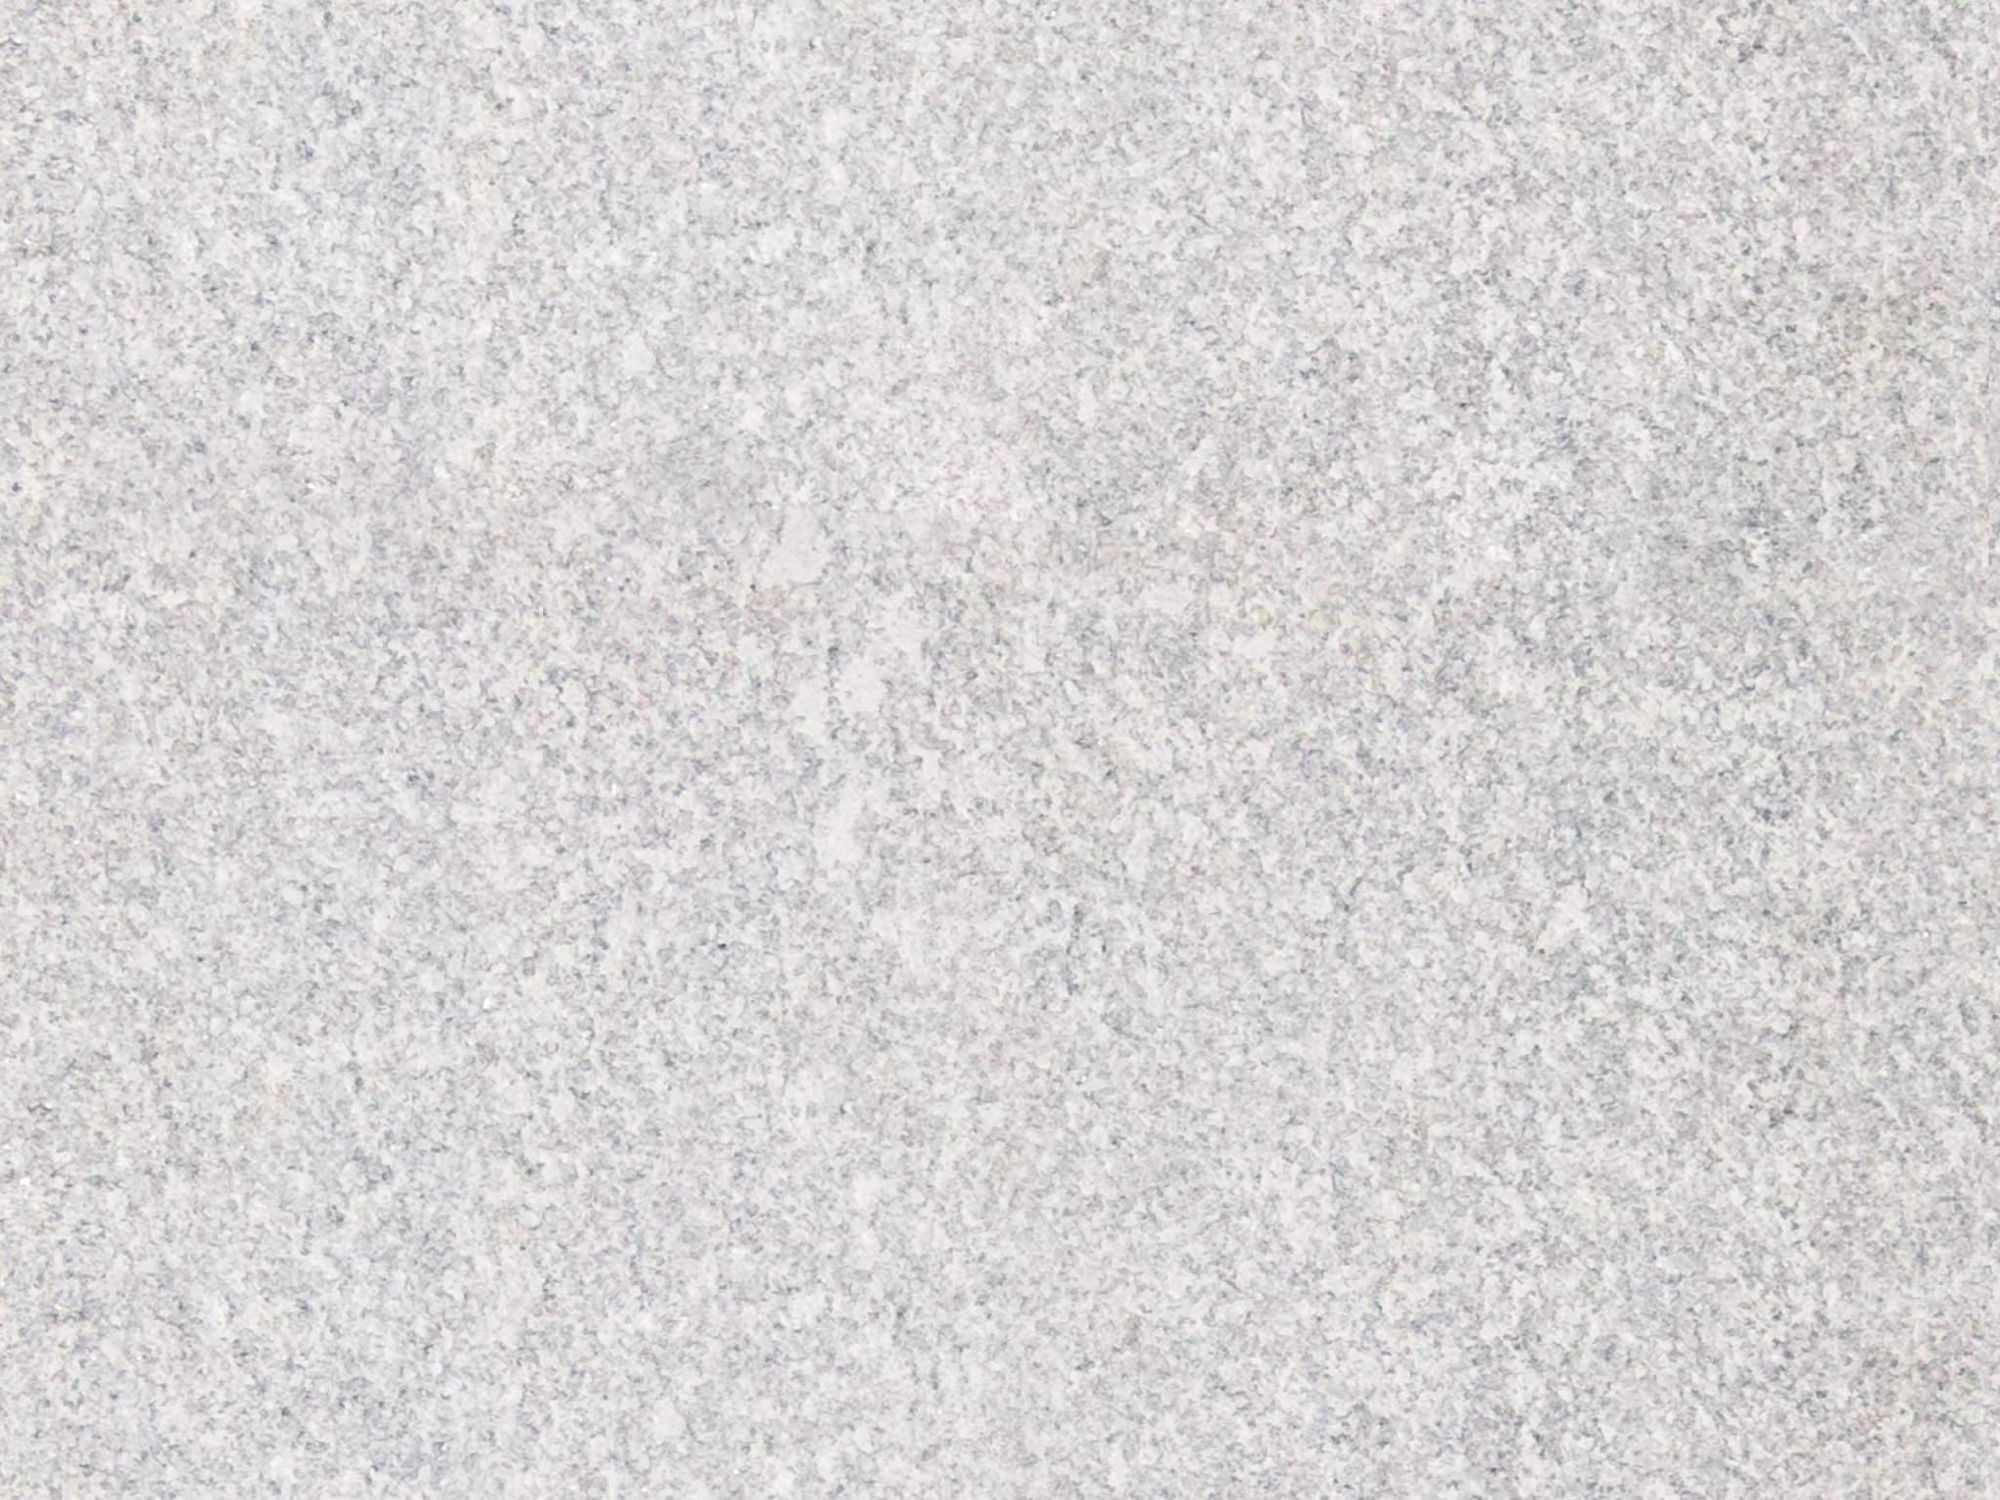 Innen Fliesen / Badezimmer / Für Wände / Quarzit CHENNAI WHITE FLAMED HOME  Lu0027